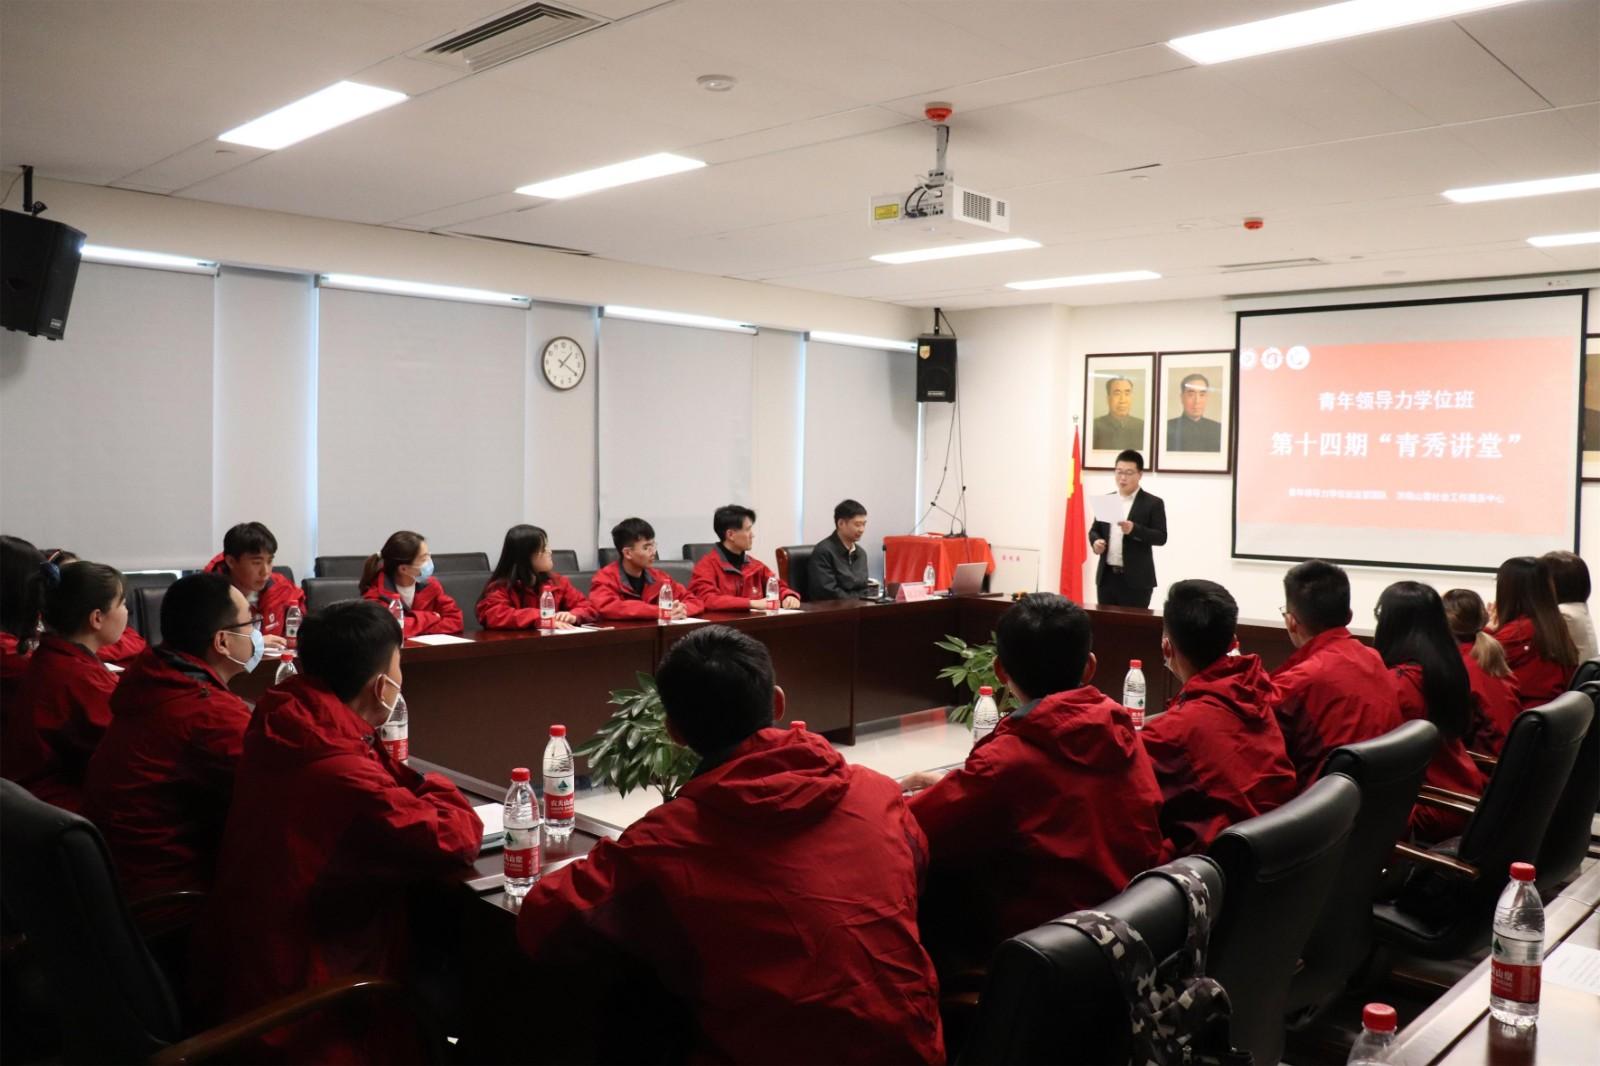 山青院青年领导力学位班开展大舜文化研究性学习活动